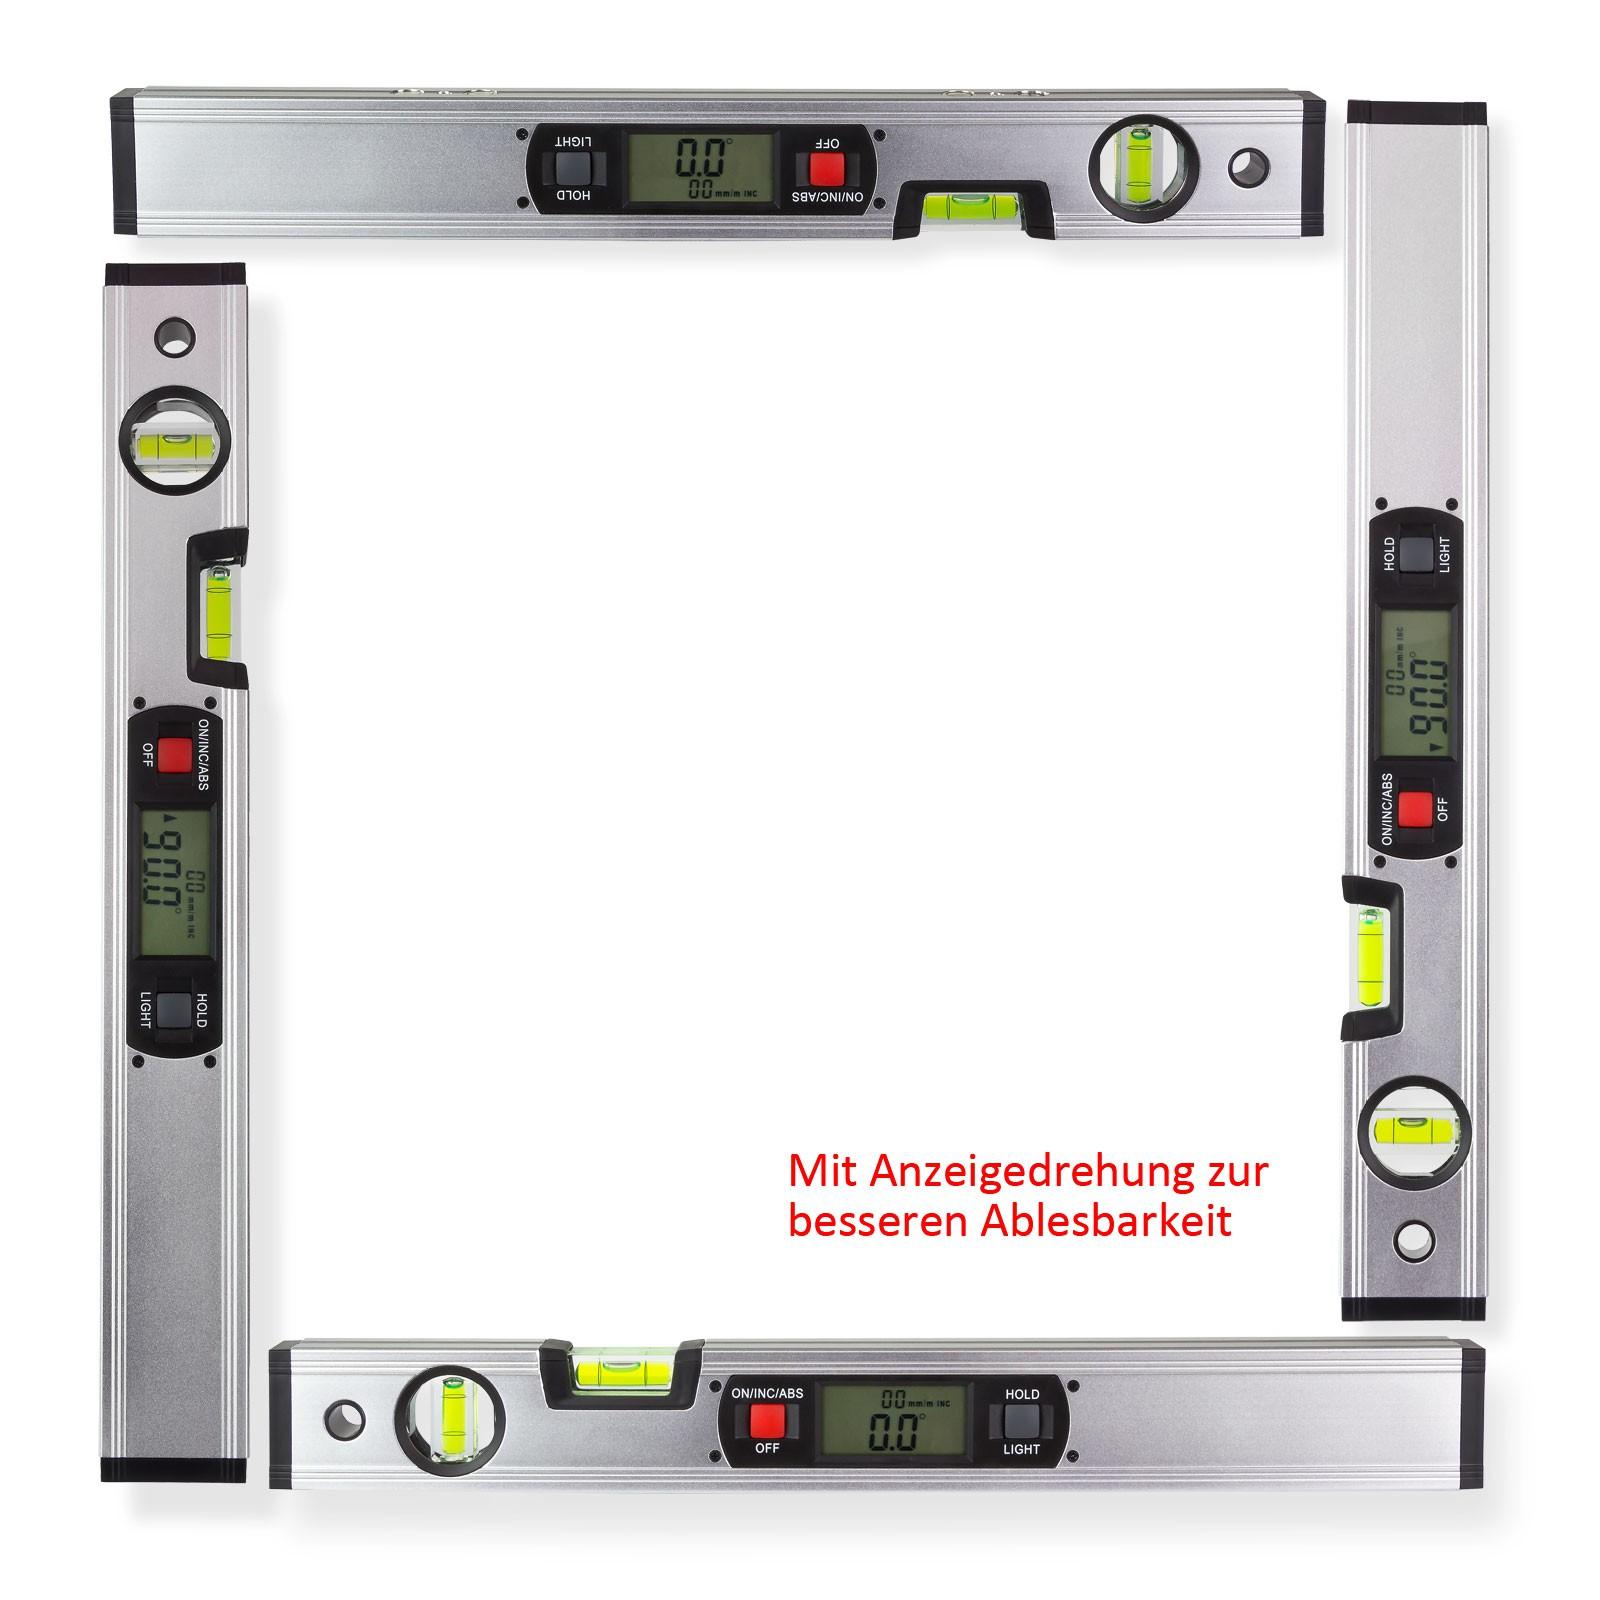 aluminium digitale elektronische wasserwaage mit magnet winkelmesser 40 cm 4031765206372 ebay. Black Bedroom Furniture Sets. Home Design Ideas